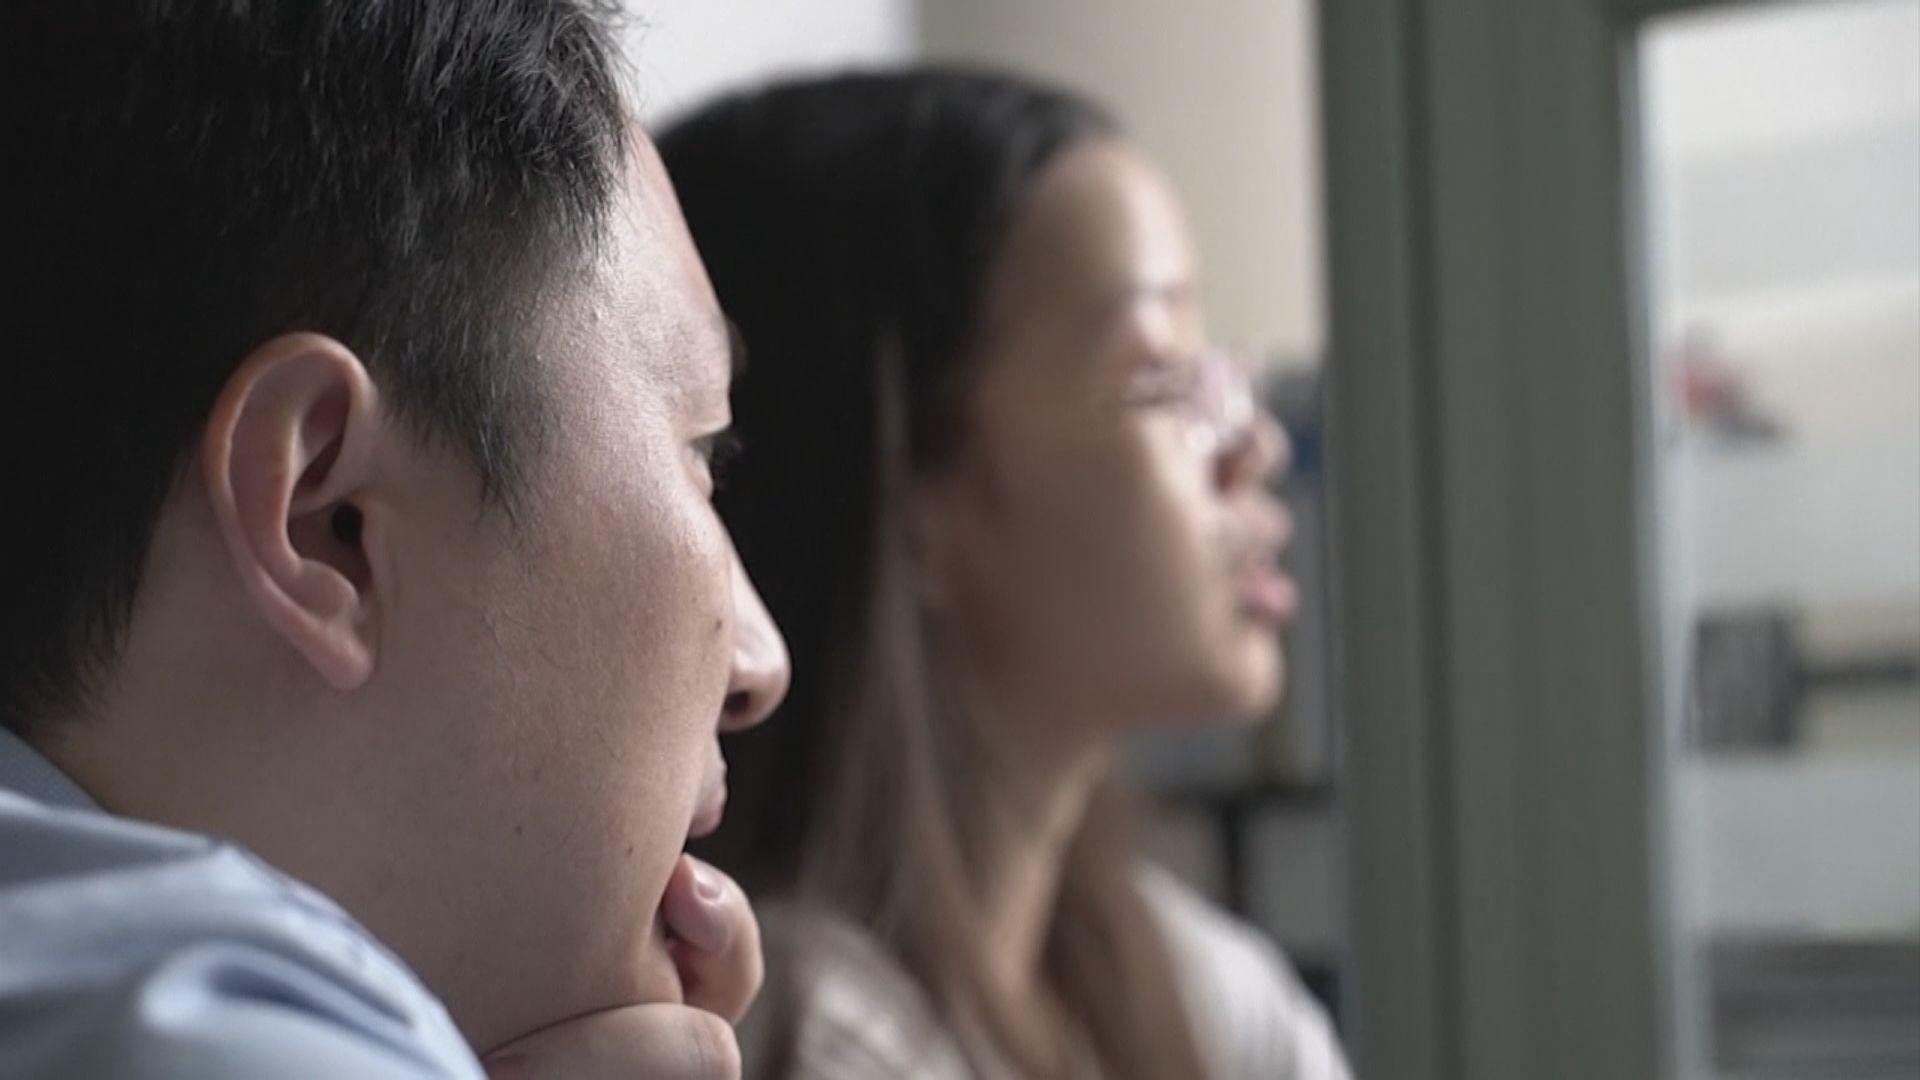 賀建奎承認隱瞞團隊進行基因編輯實驗